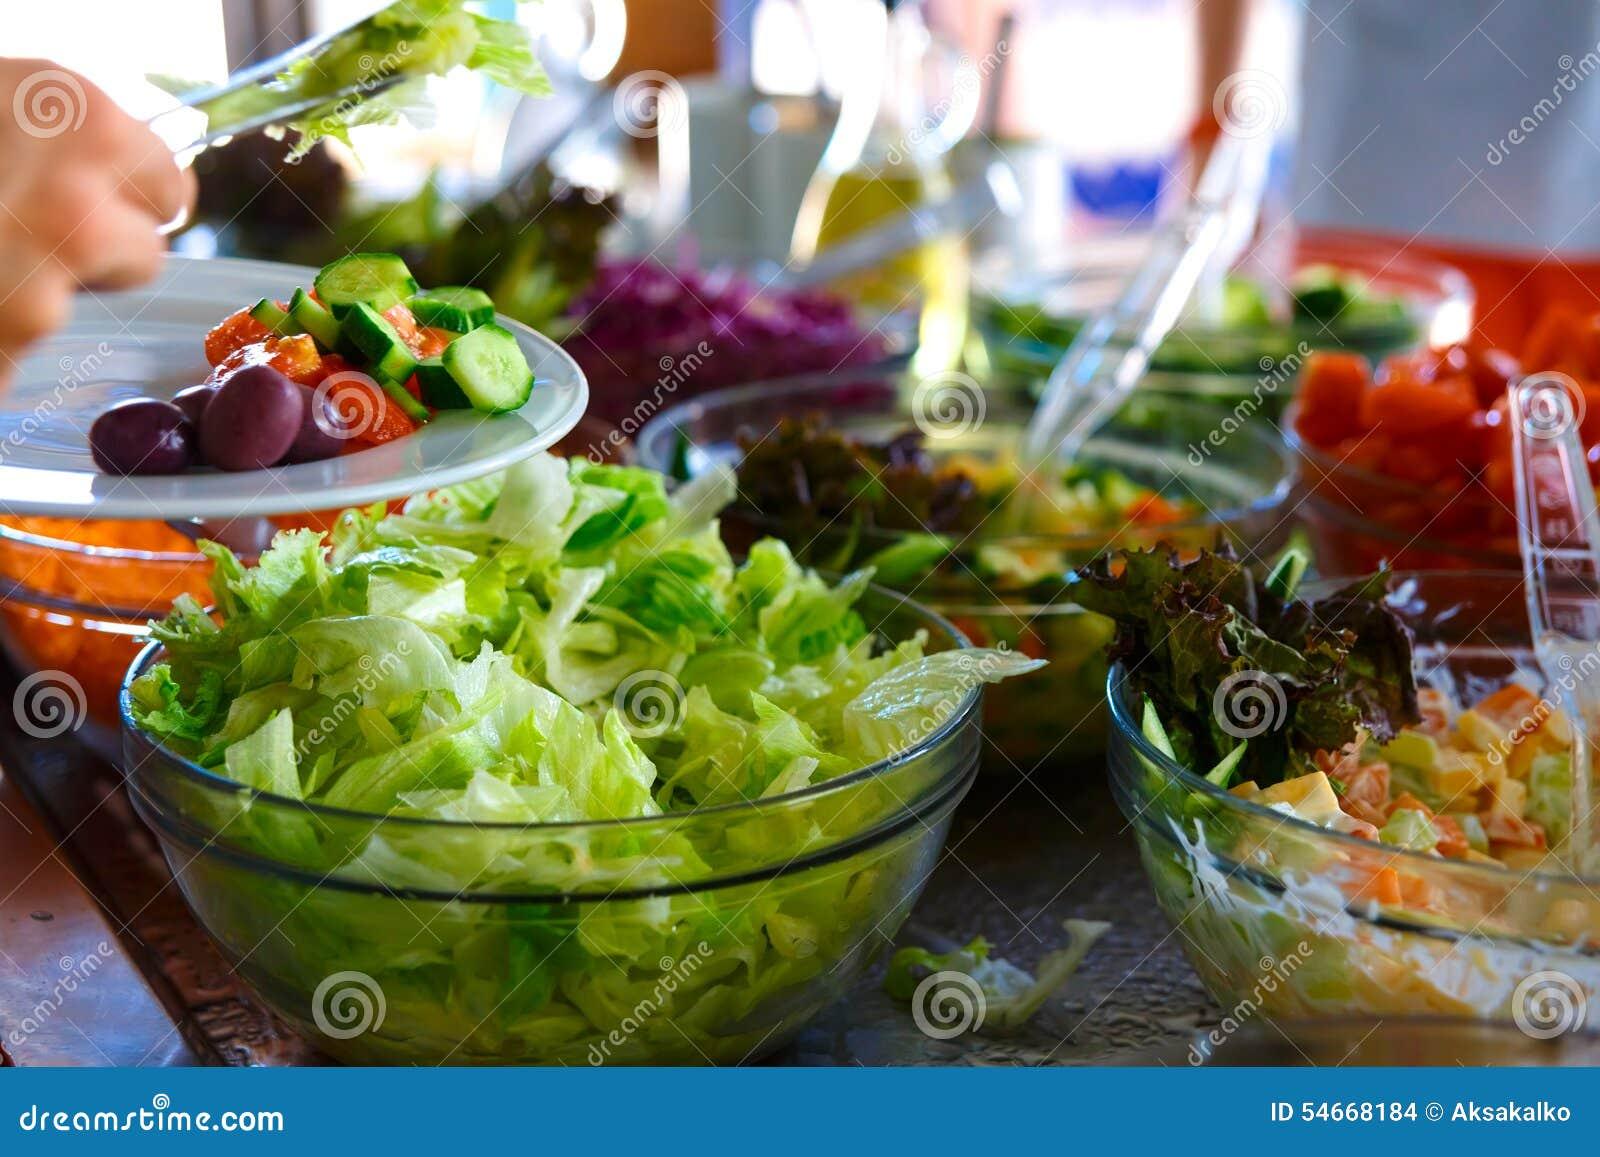 Sałatkowy bufet